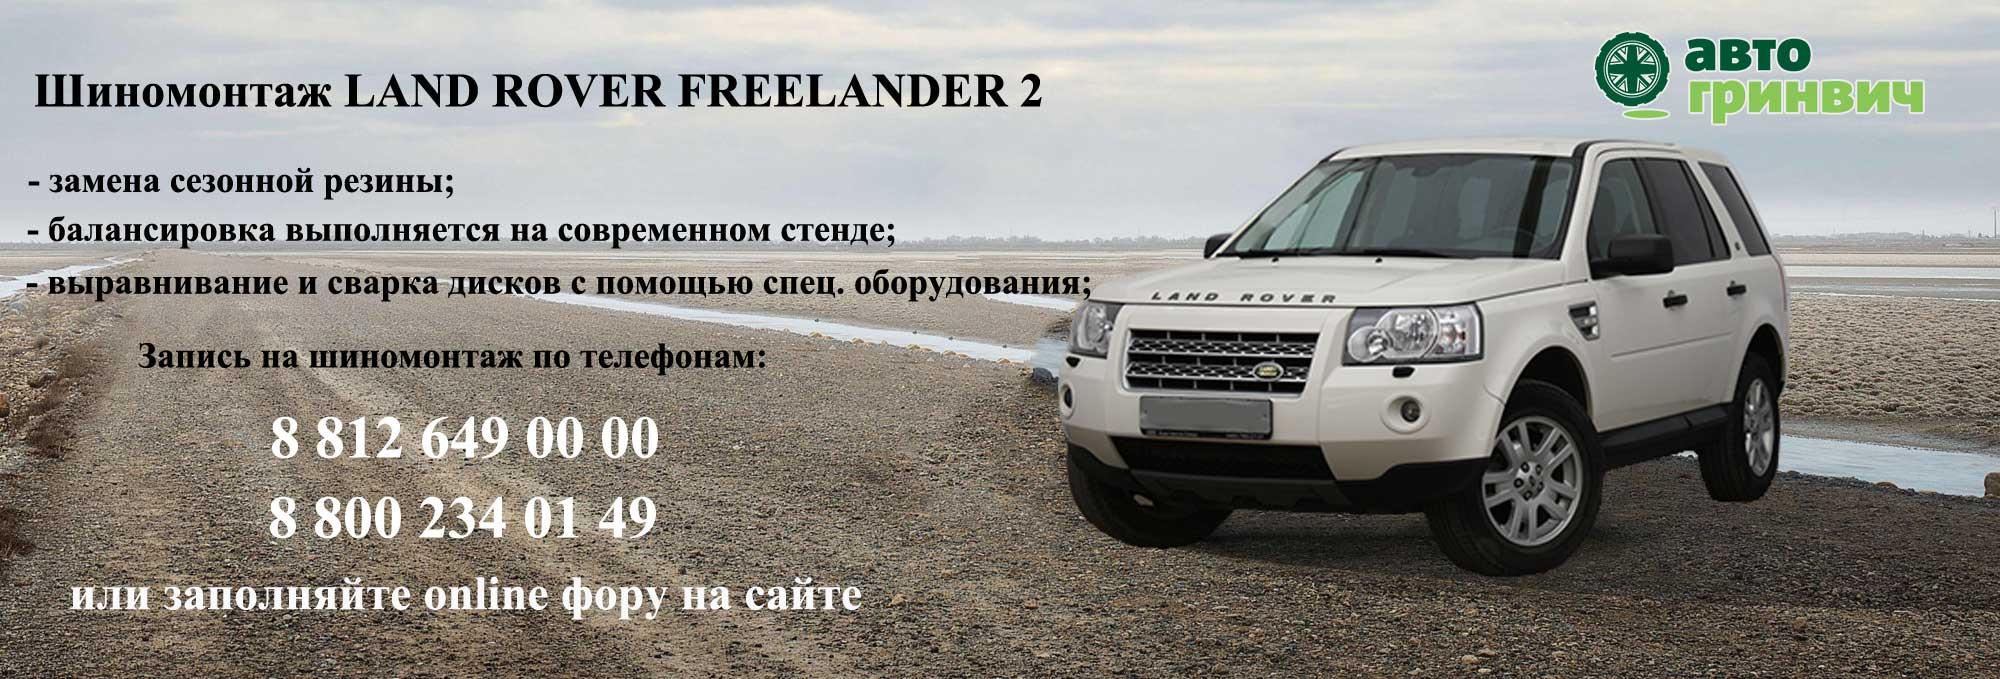 Шиномонтаж FREELANDER 2